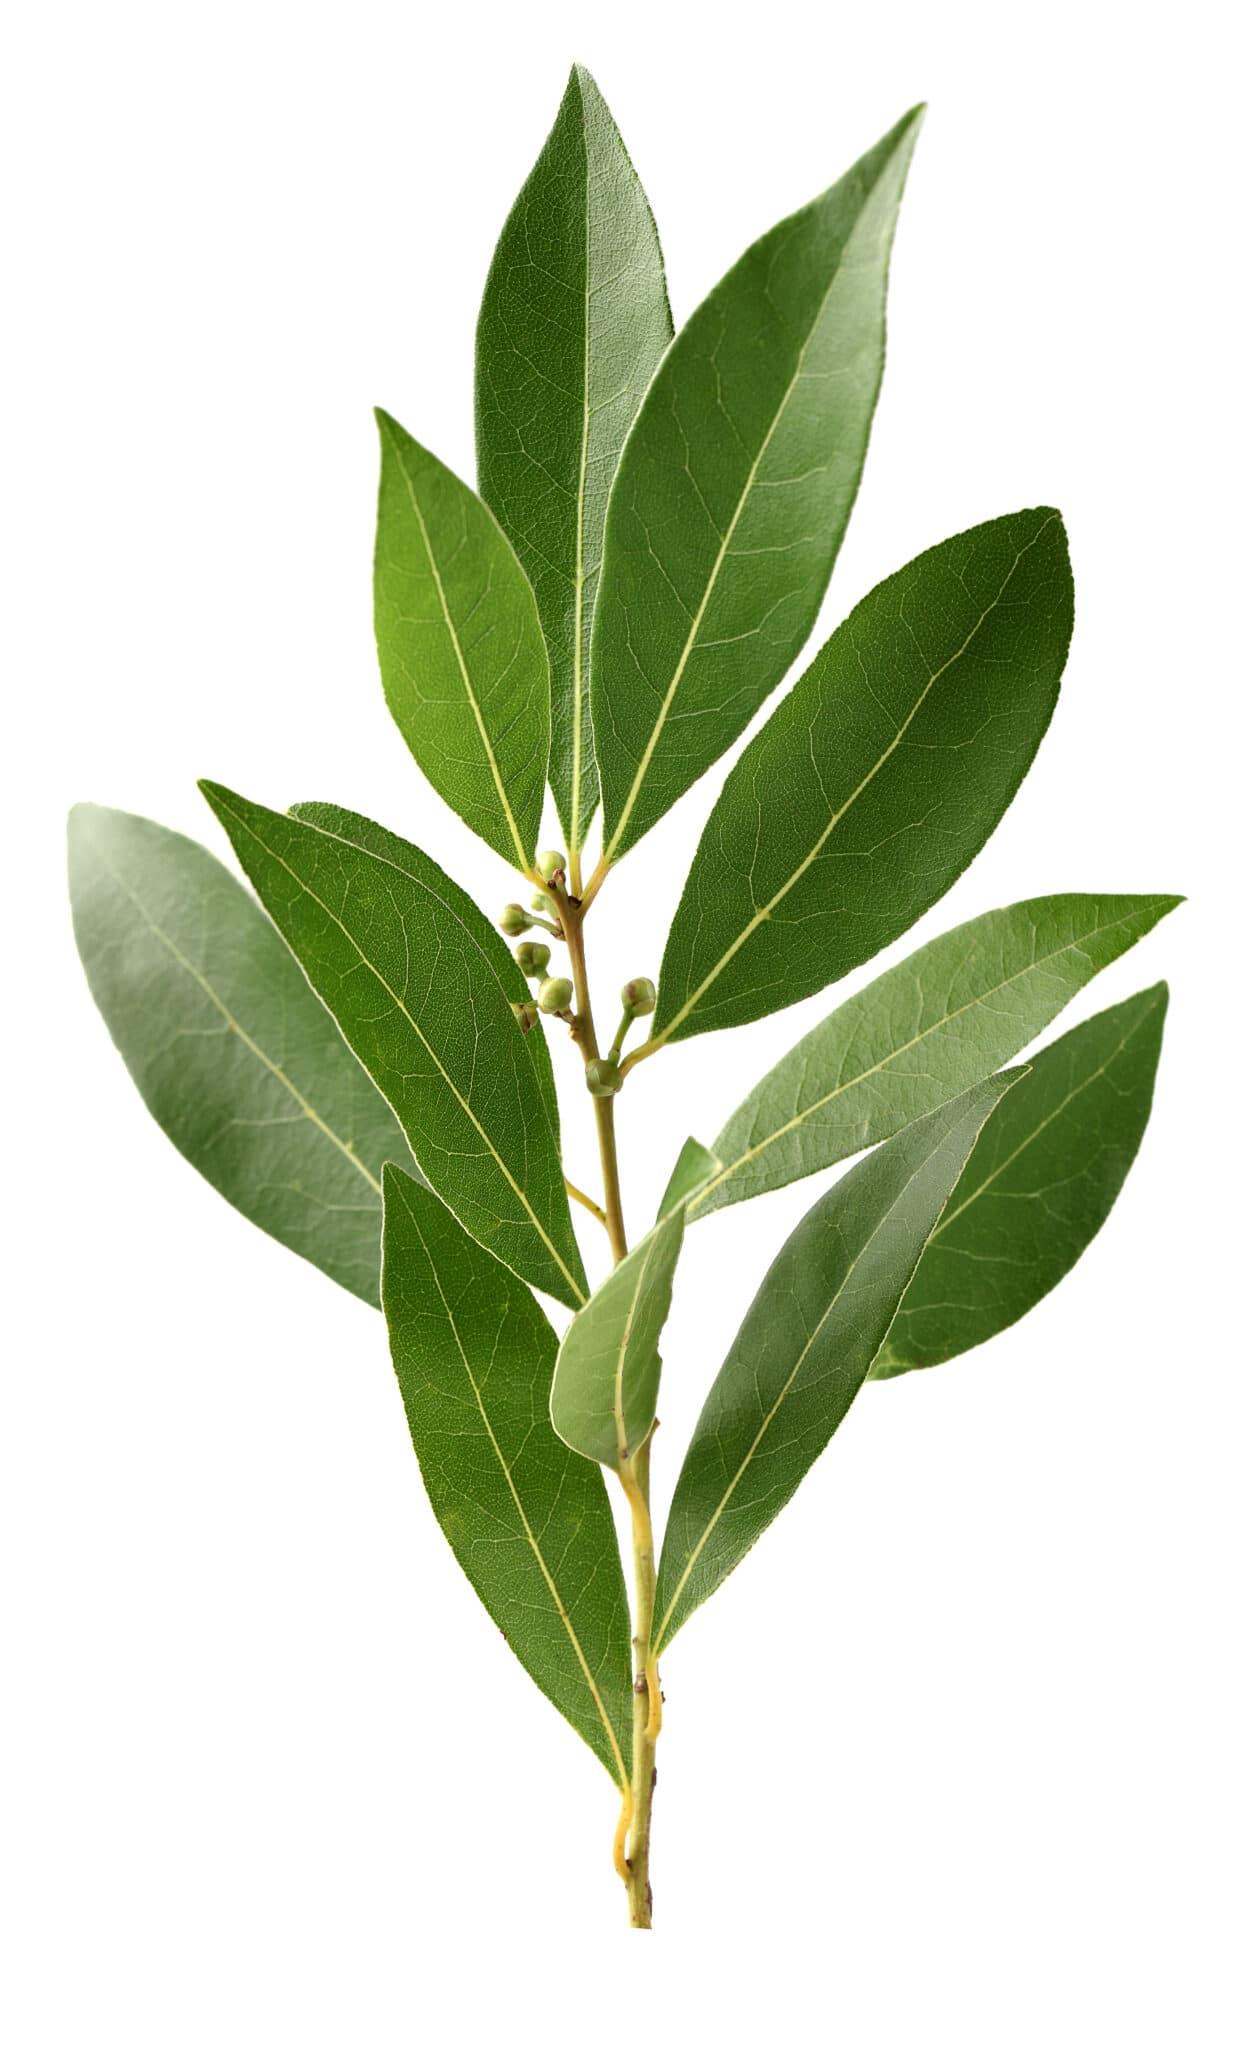 Ein geschnittener Zweig einer Lorbeerblattpflanze vor einem strahlend weißen Hintergrund.